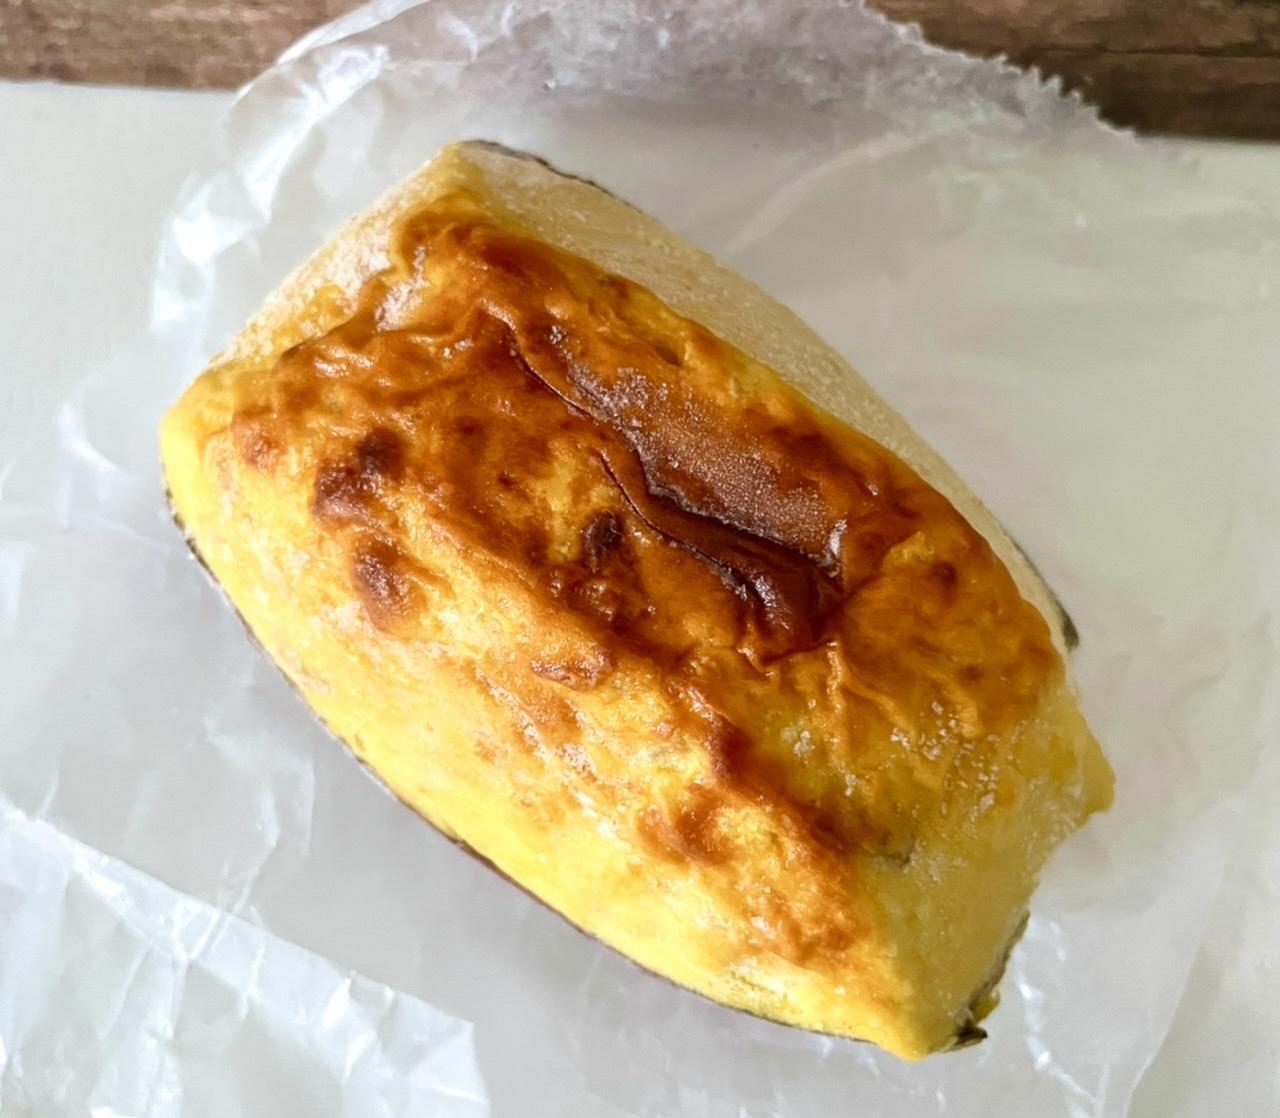 【罪深い美味しさ】ねっとり濃厚「札幌ラ・ネージュ」の皮付きスイートポテトが絶品すぎる❤︎_3